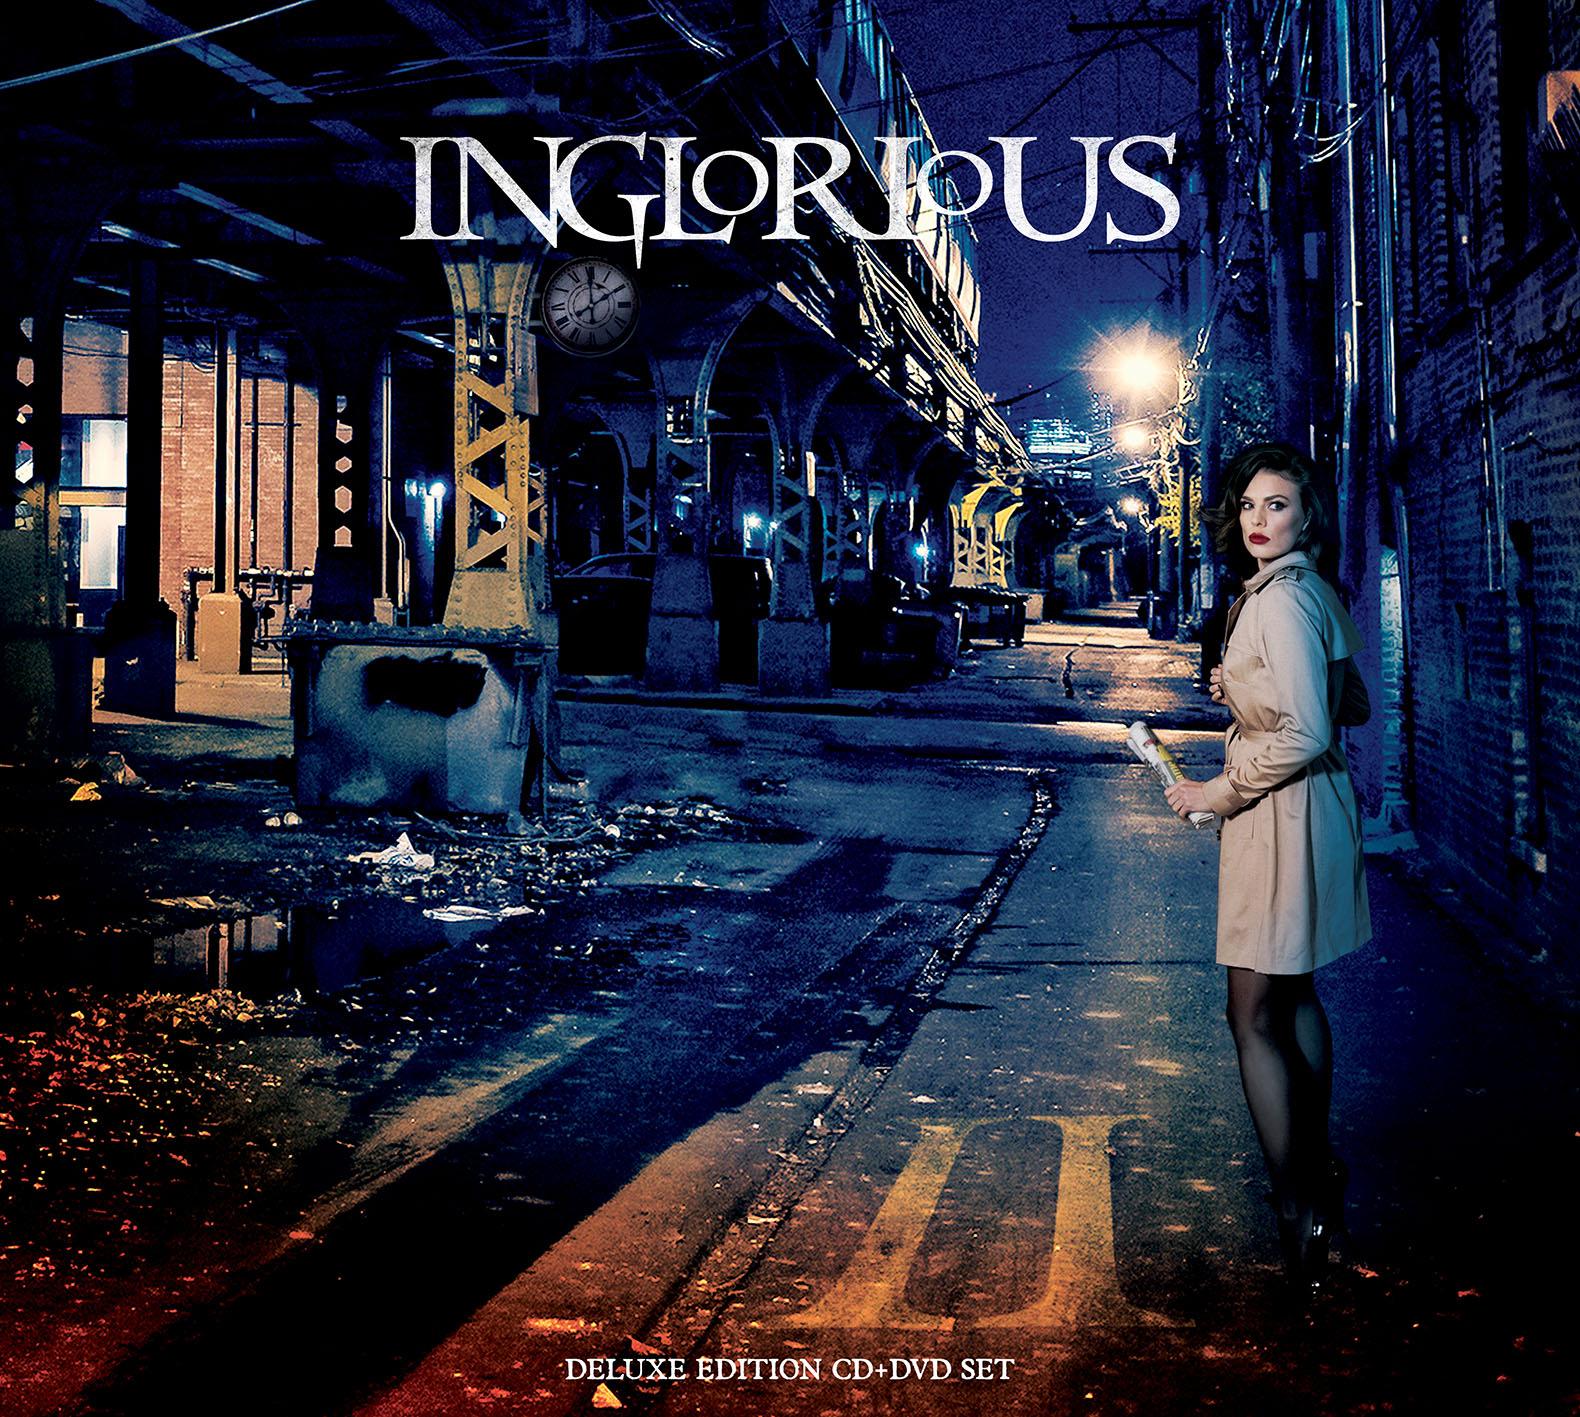 INGLORIOUS2 Cover CDVD